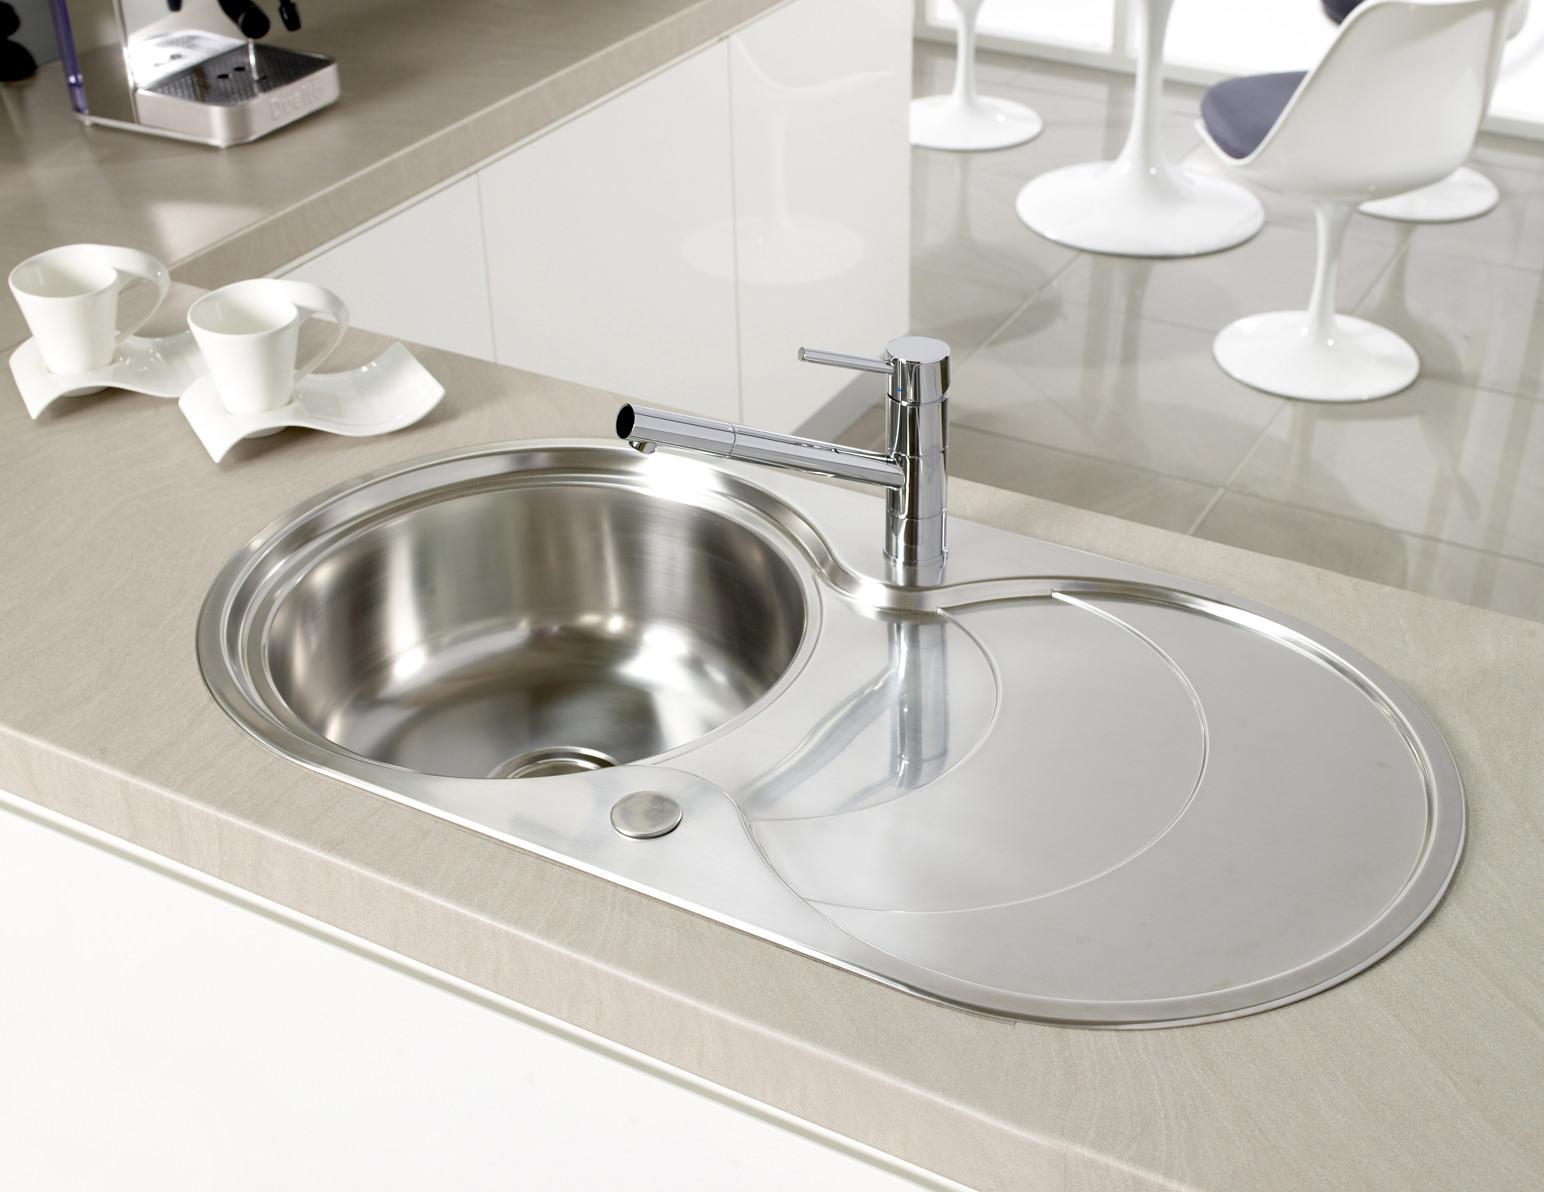 ... Sink Bowl with Ikea Stainless Steel Kitchen Sinks also Undermount Sink